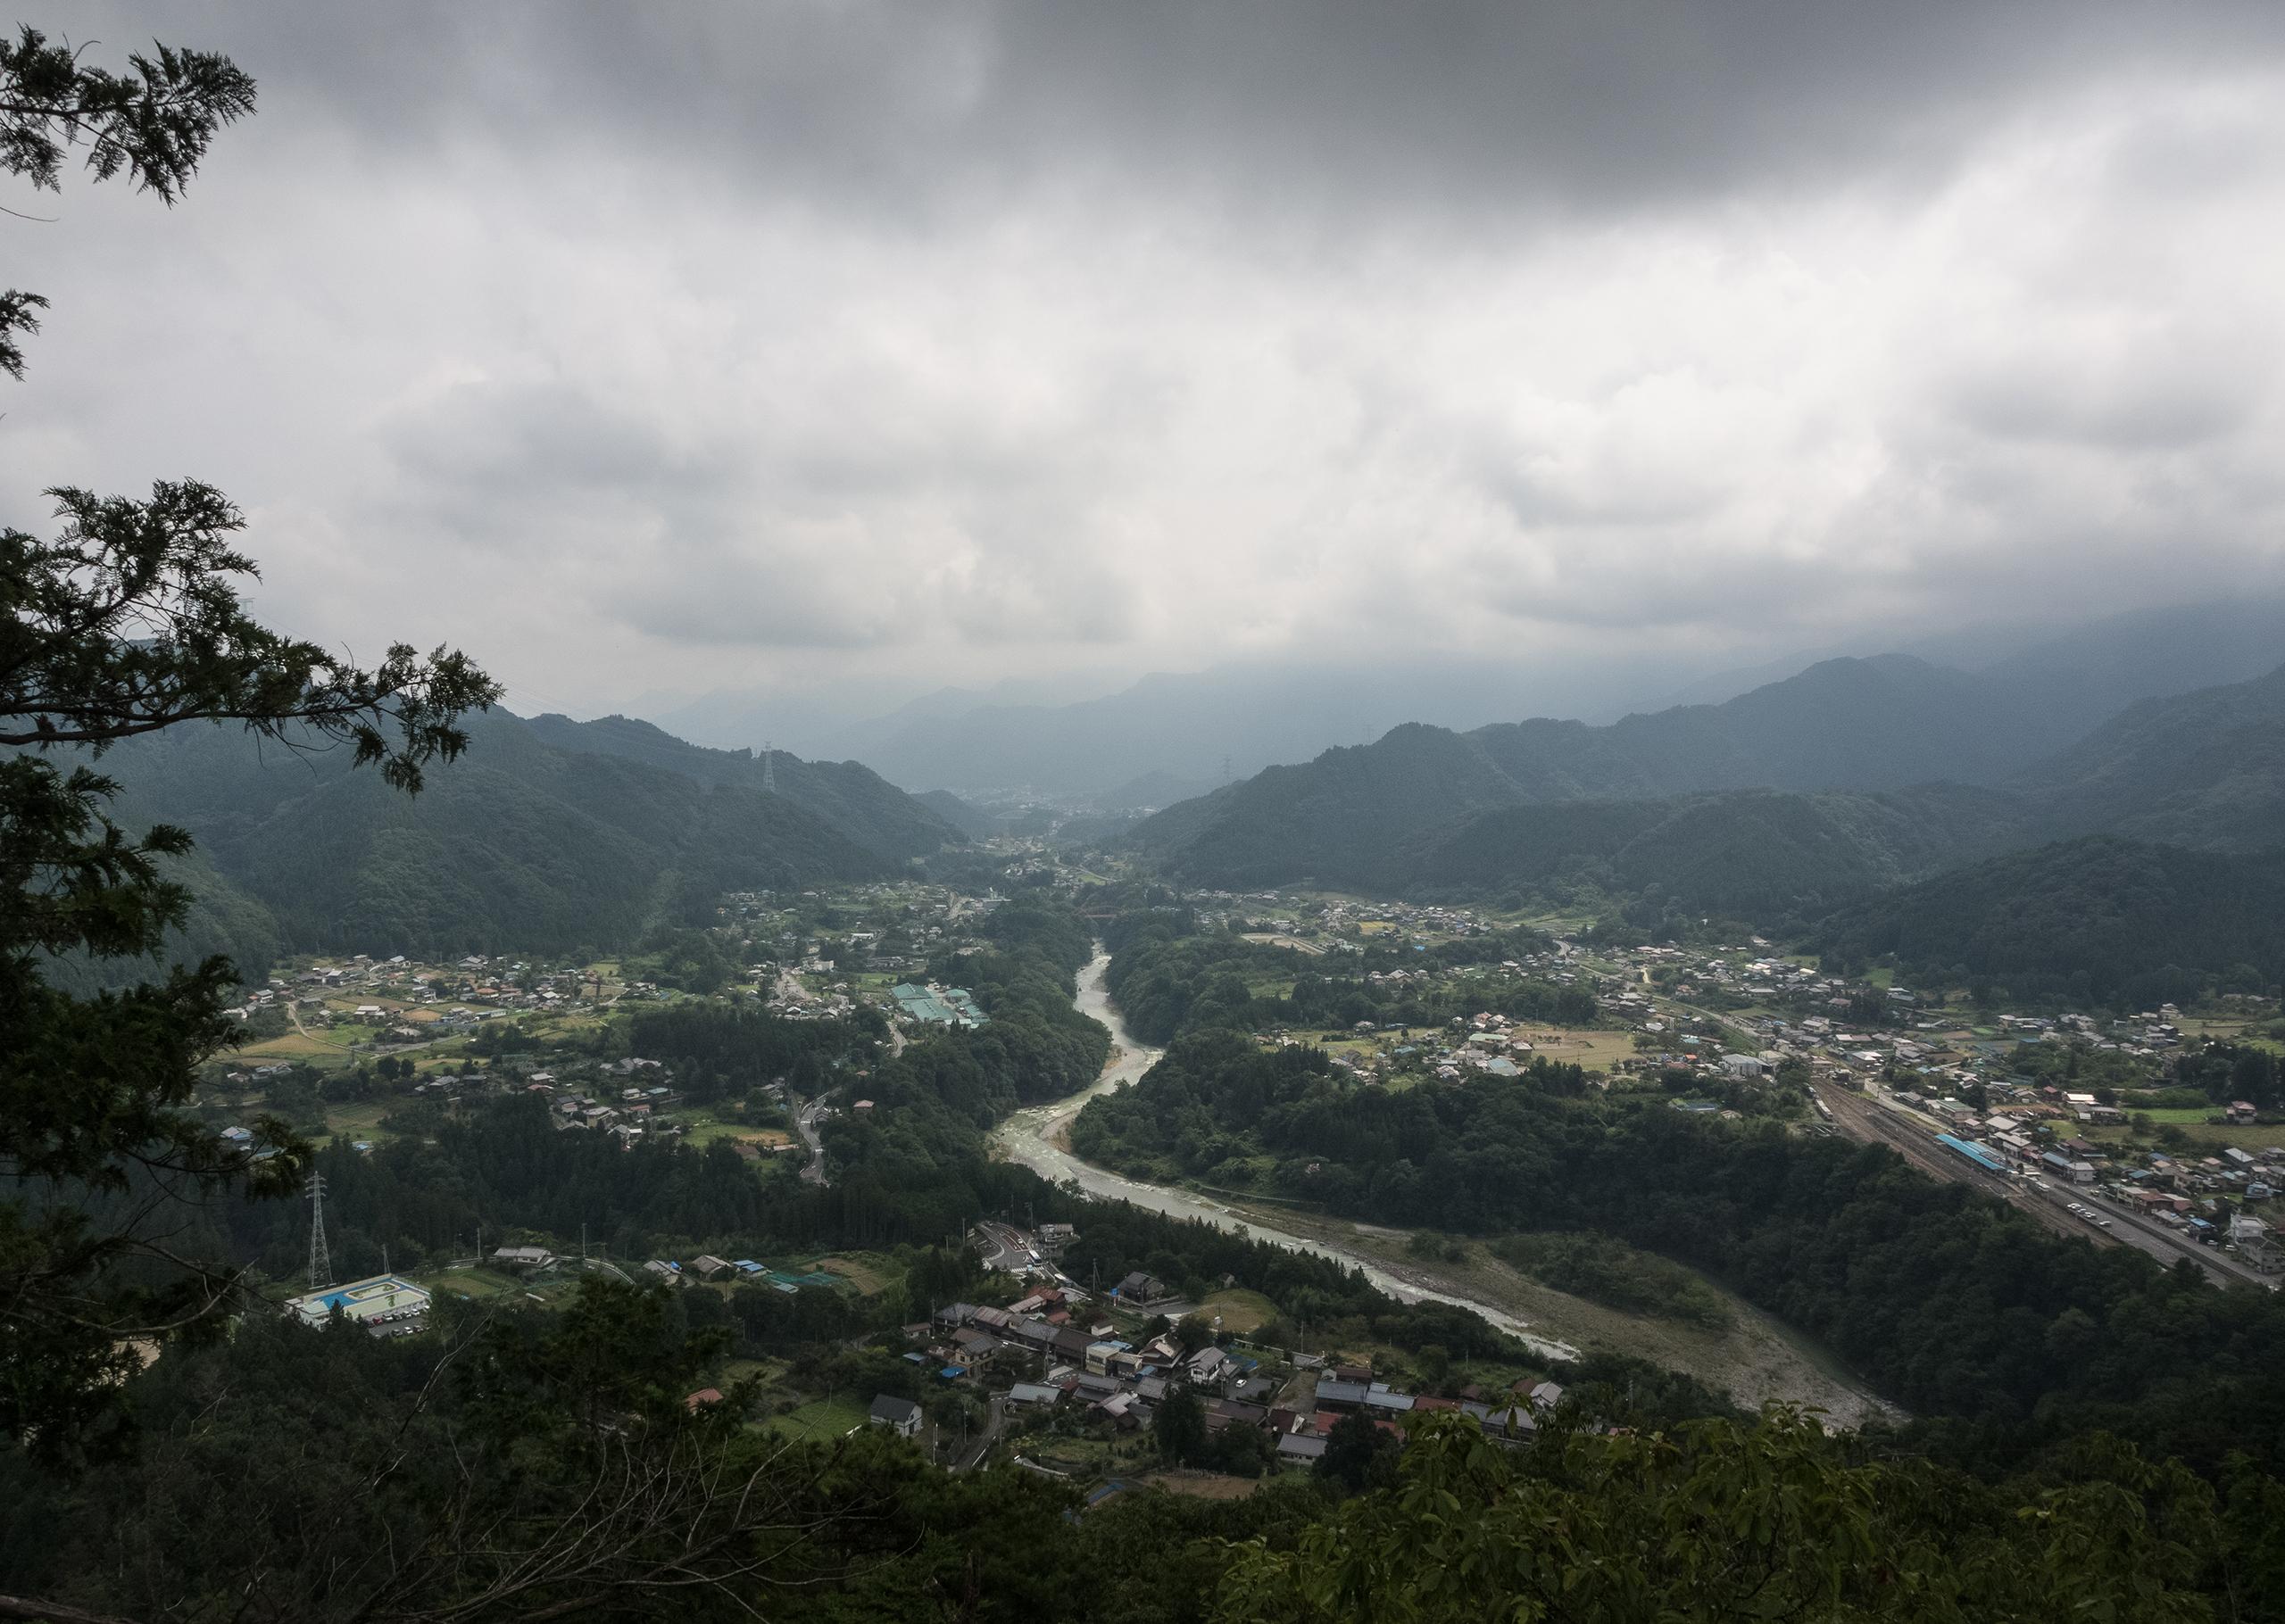 秩父御岳山からの眺め